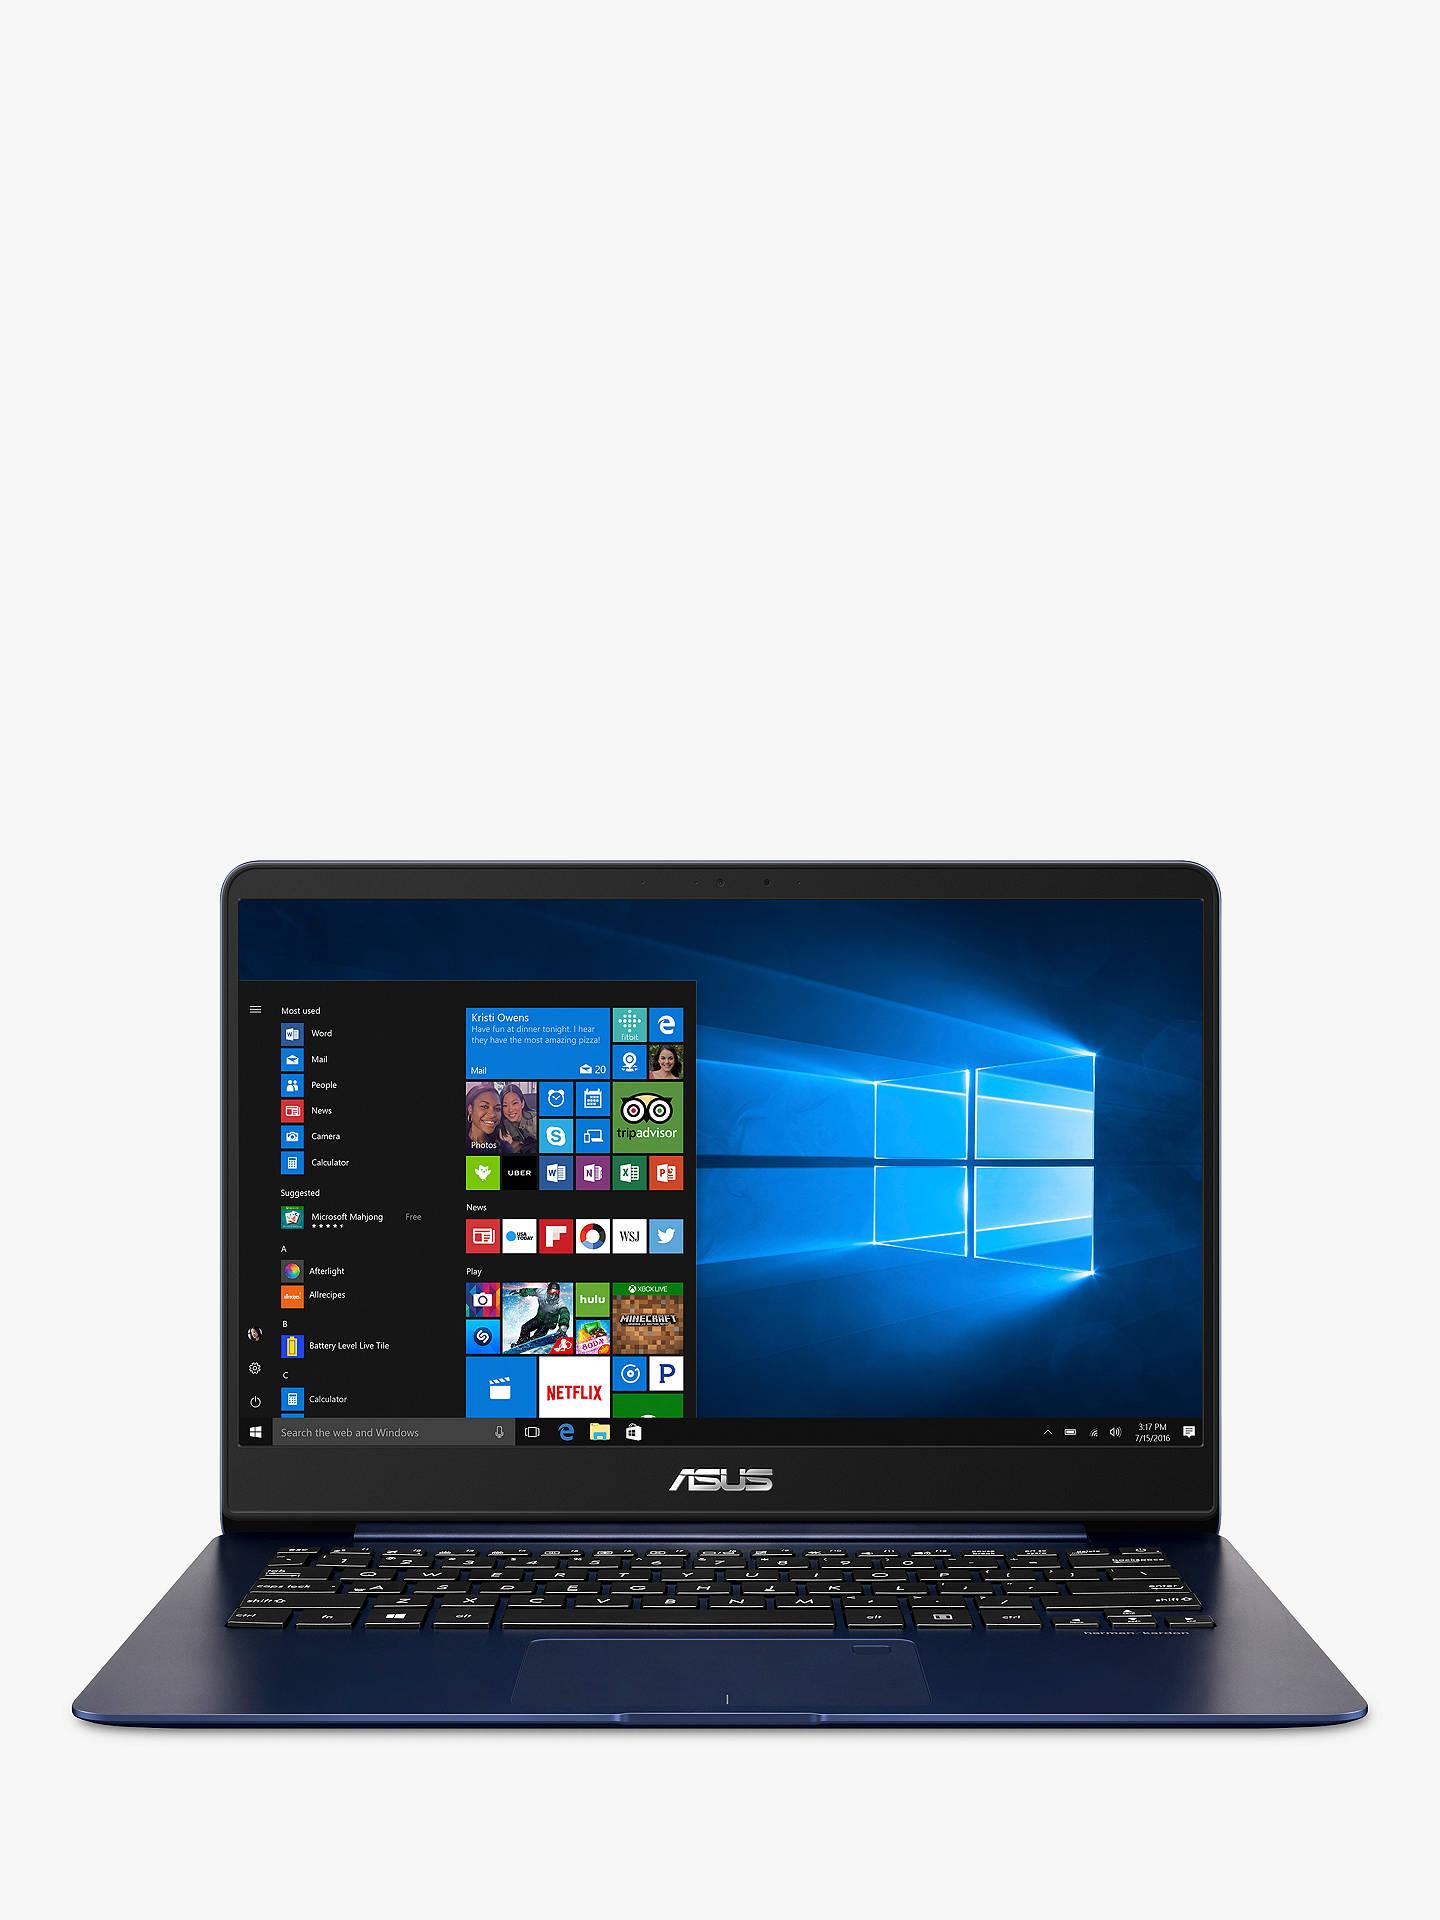 ASUS Zenbook UX430UA-GV415T Laptop, Intel Core i7, 8GB